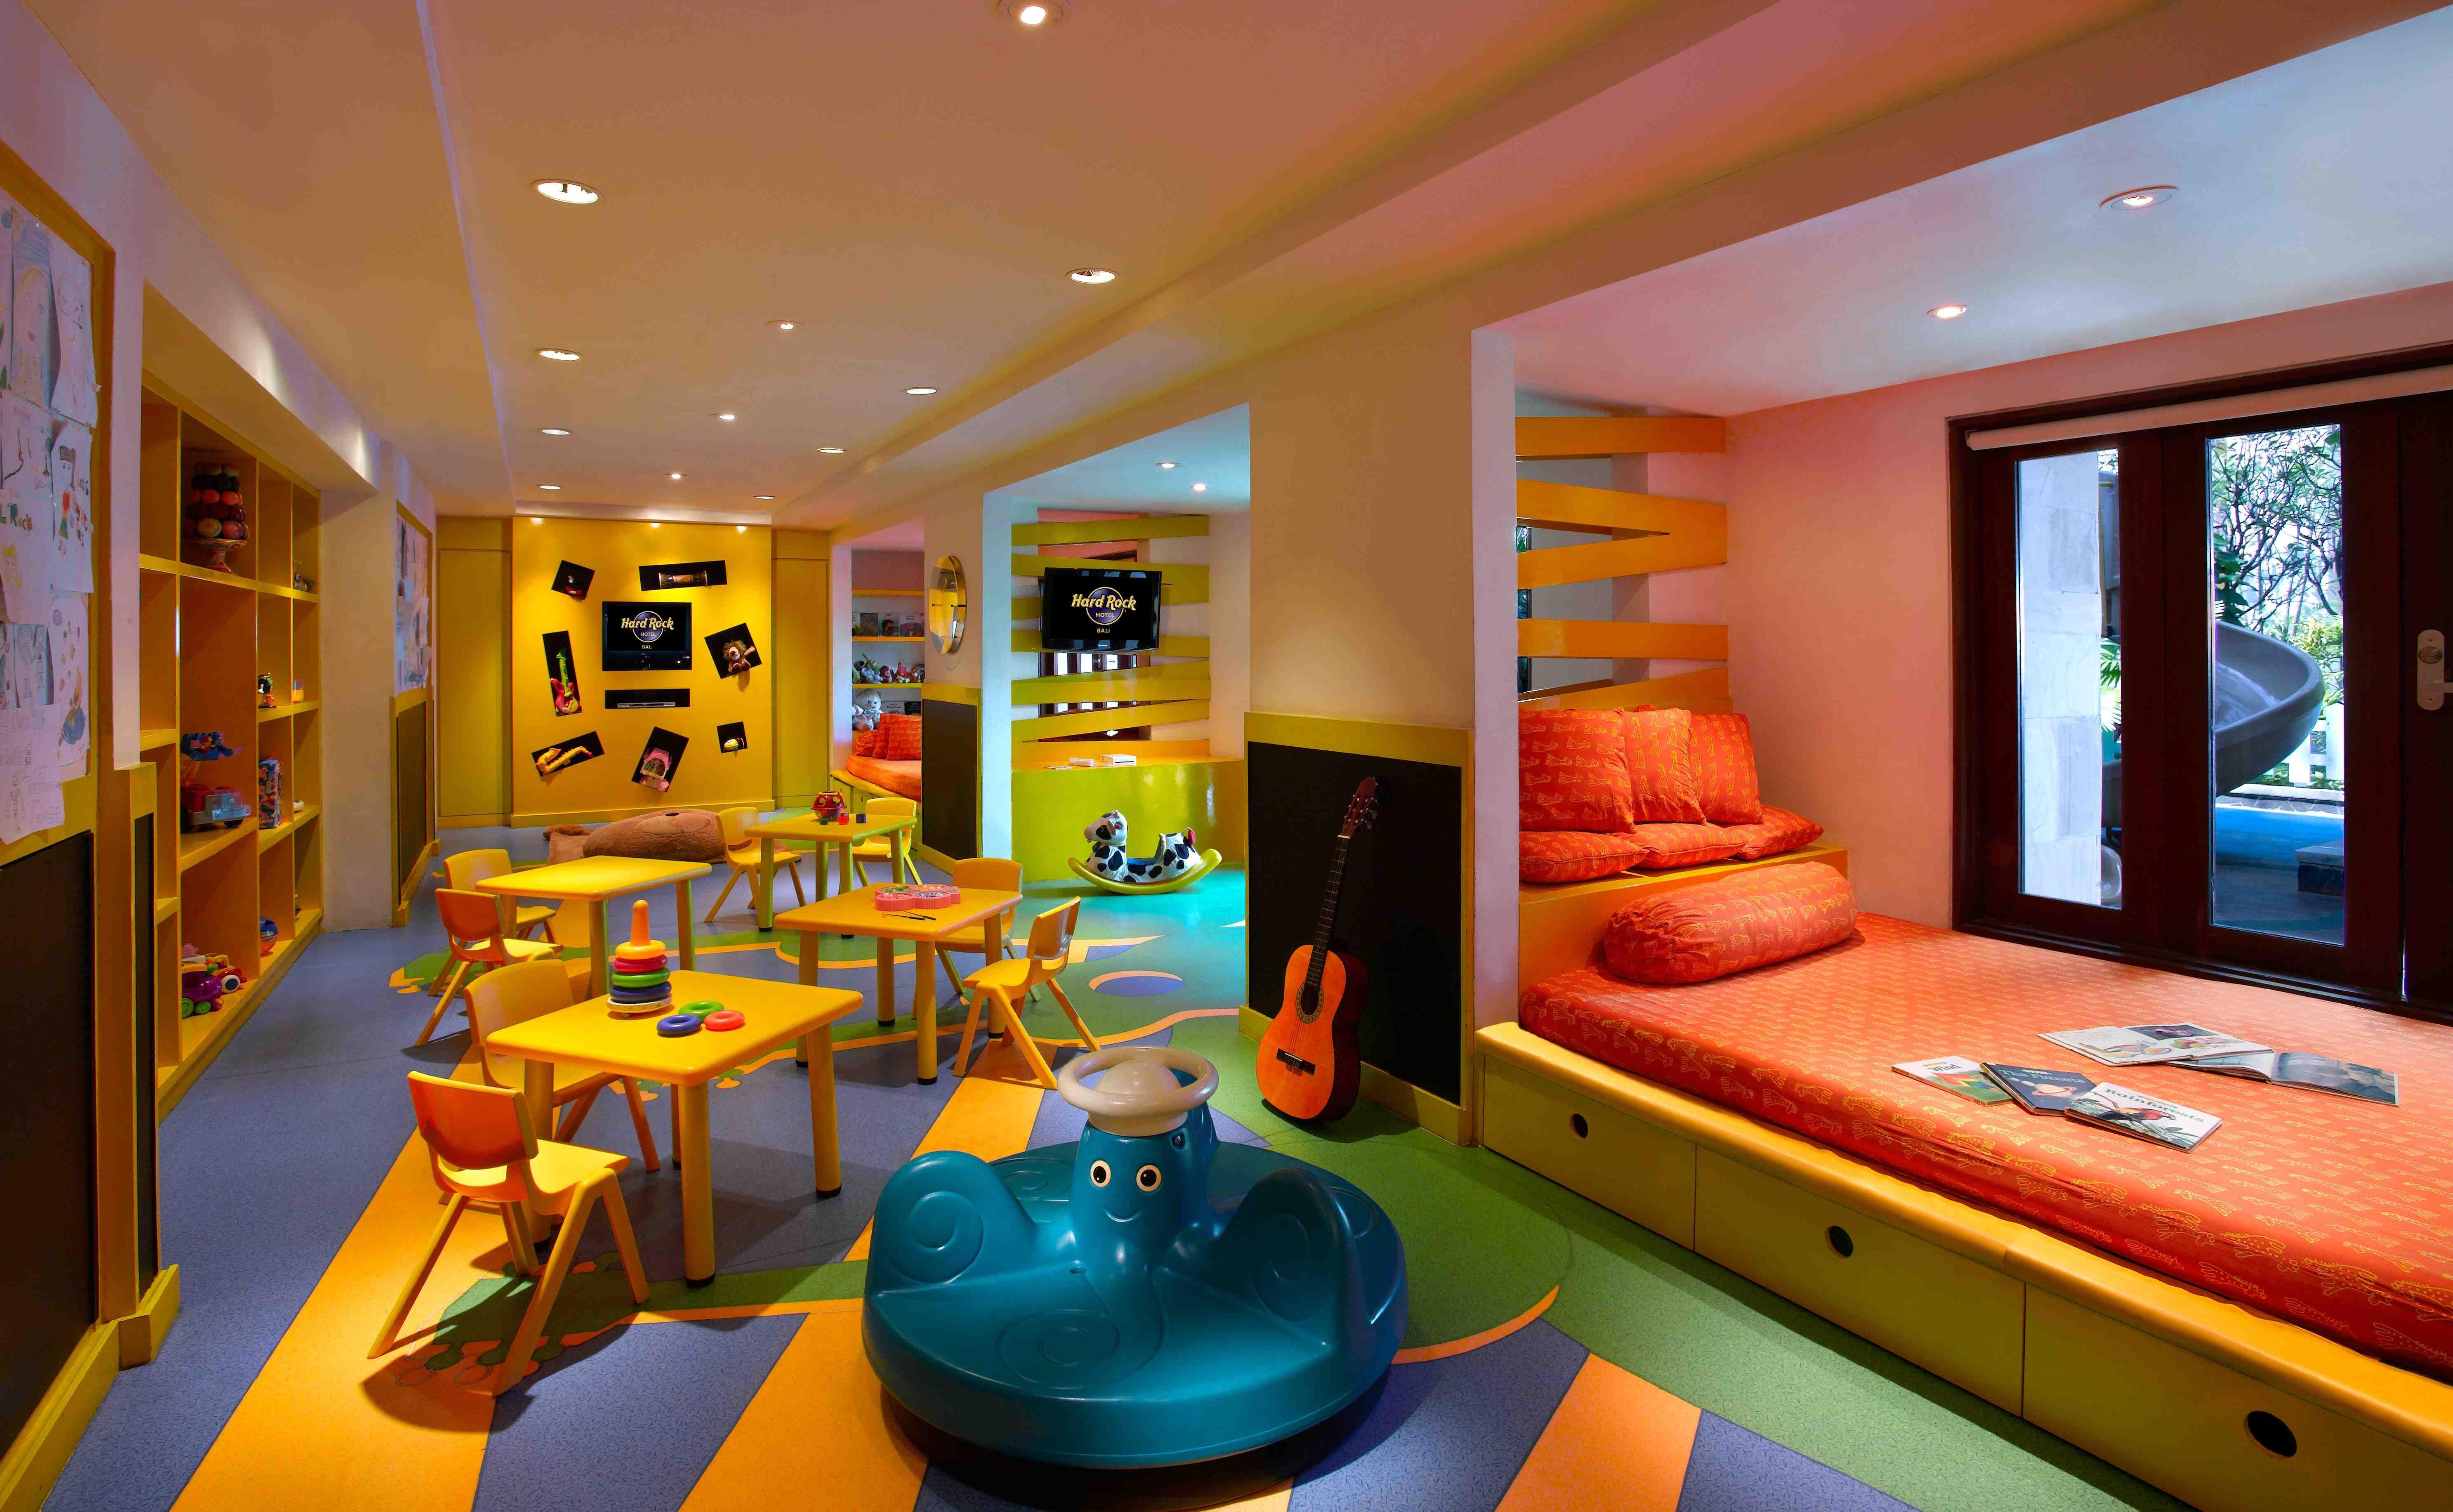 Lil Rock Kids Club At Hard Rock Hotel Bali Con Imagenes Diseno De Guarderia Dormitorios Recamaras Dormitorios